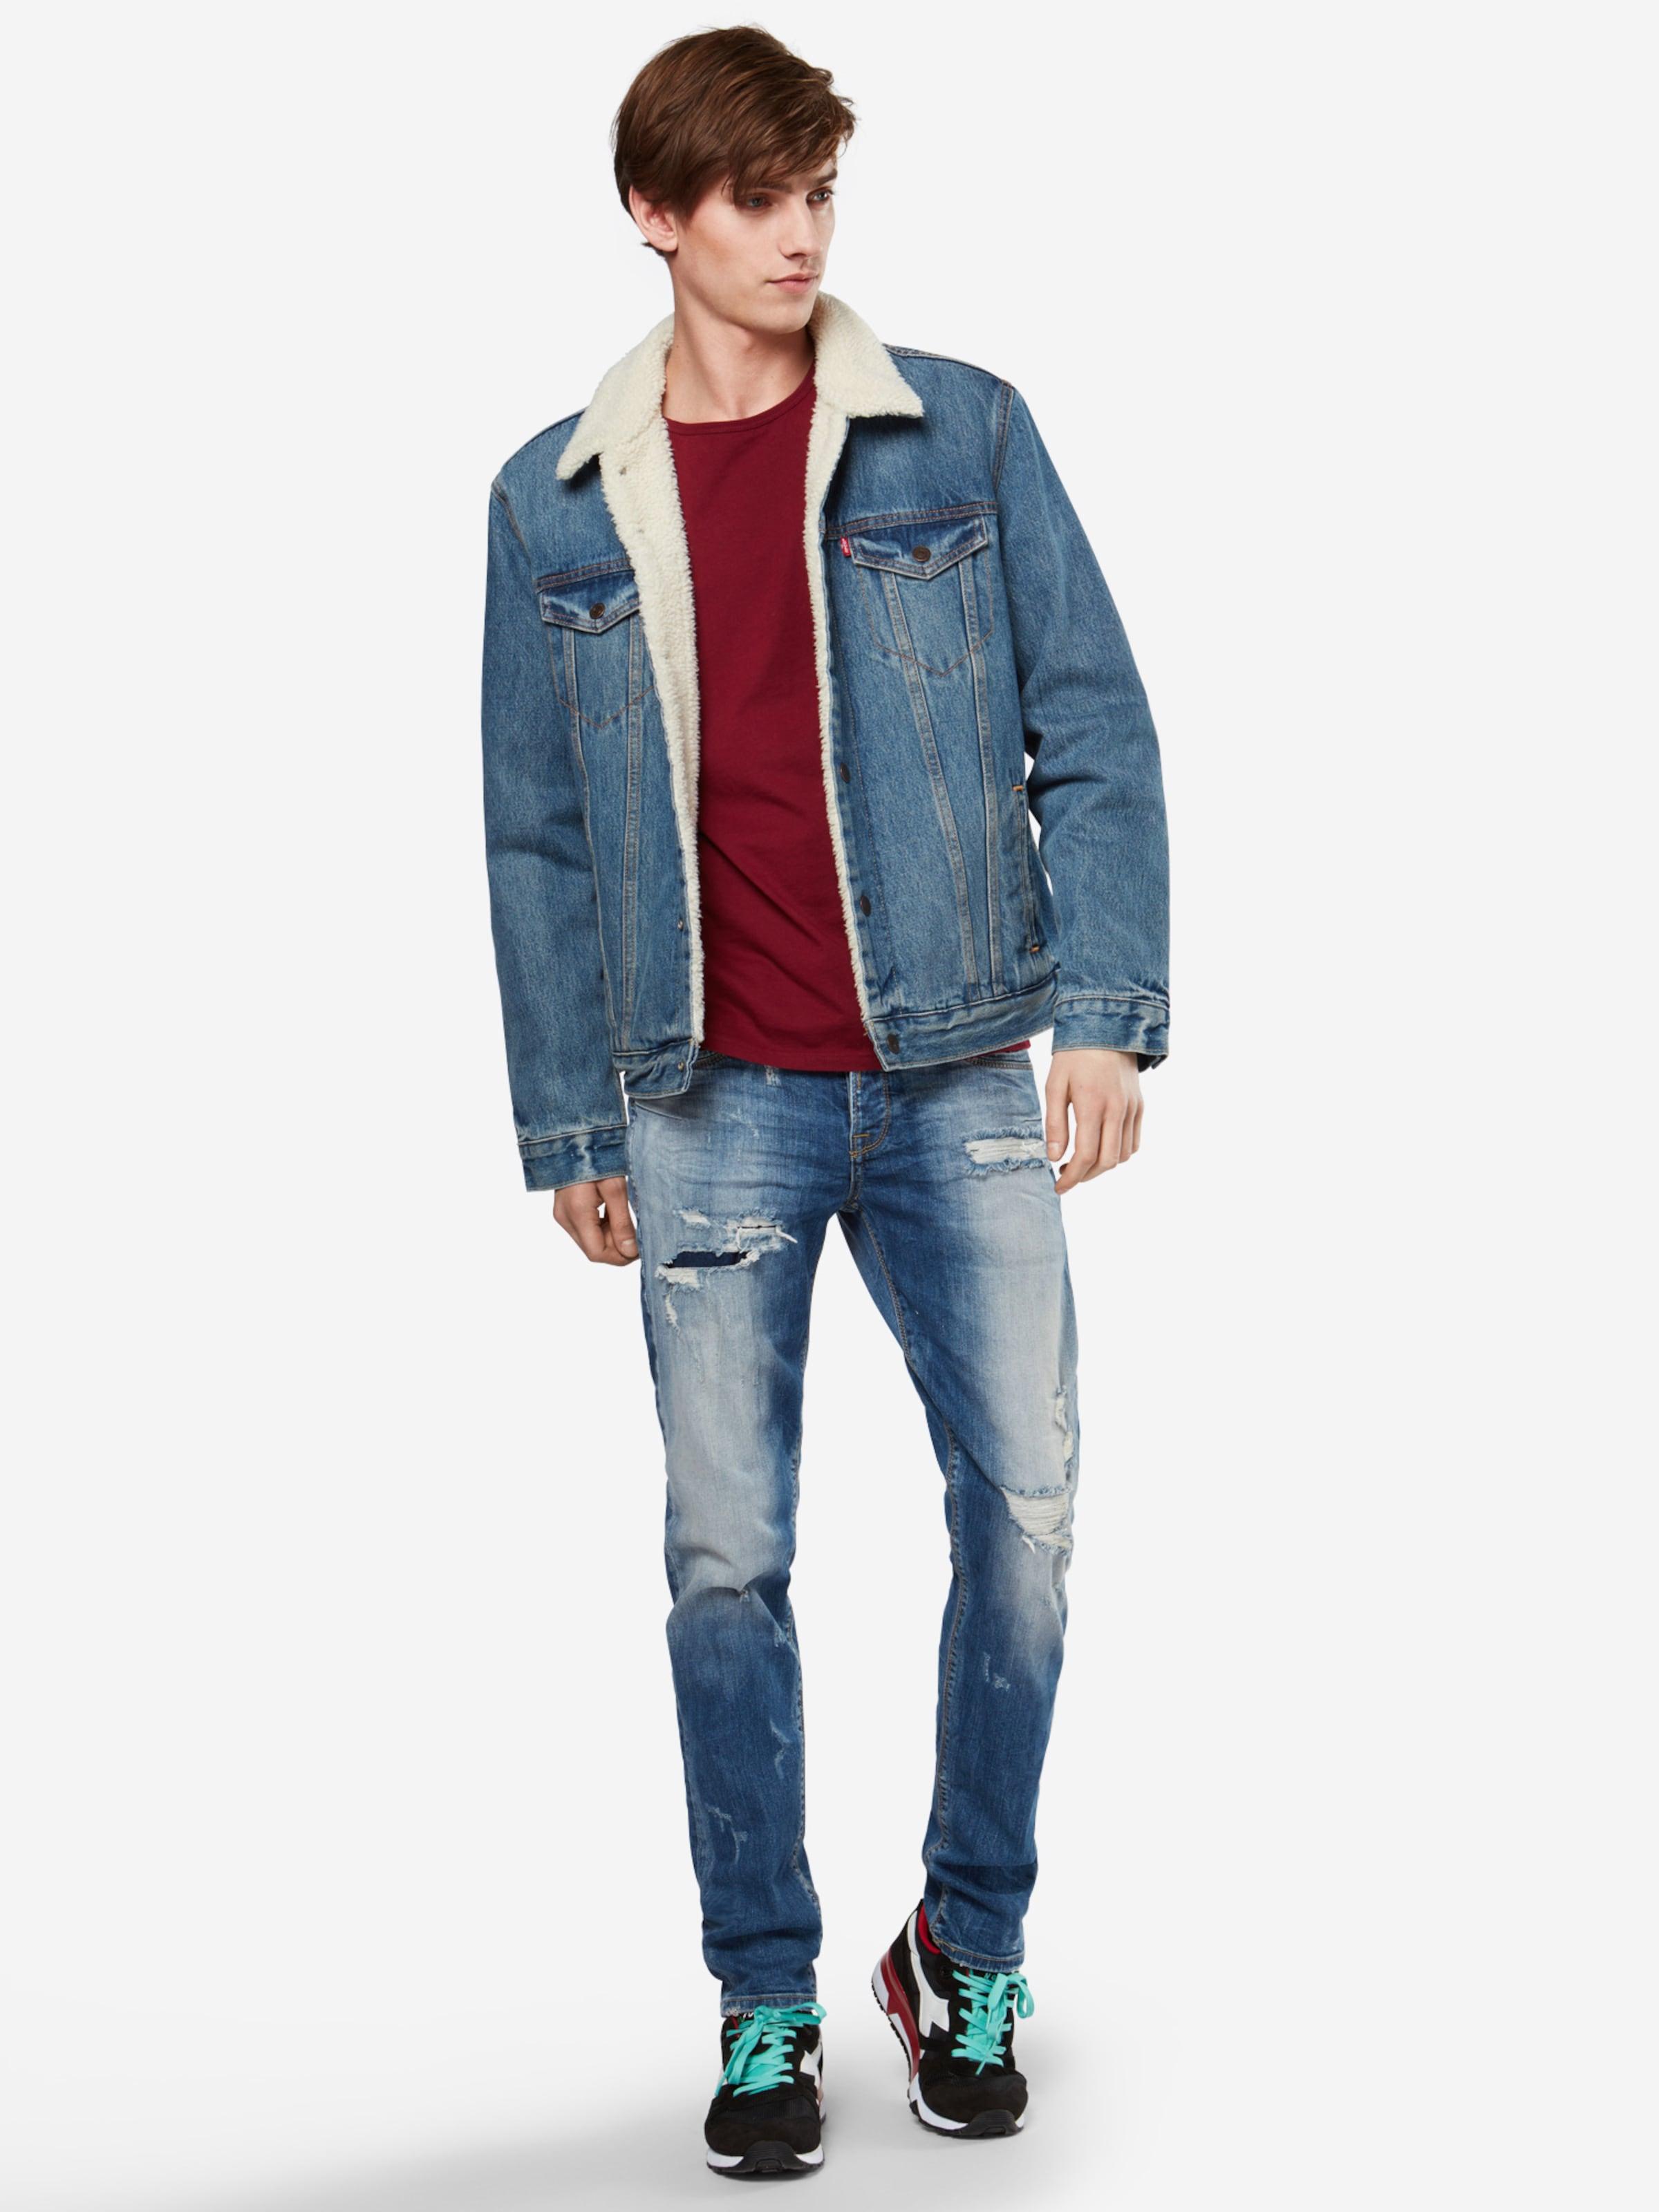 Billig Holen Eine Beste Besuchen Neue LTB Jeans 'SERVANDO X' Freiheit In Deutschland Günstig Kaufen Mode-Stil Freies Verschiffen Niedrig Kosten avvao7z79